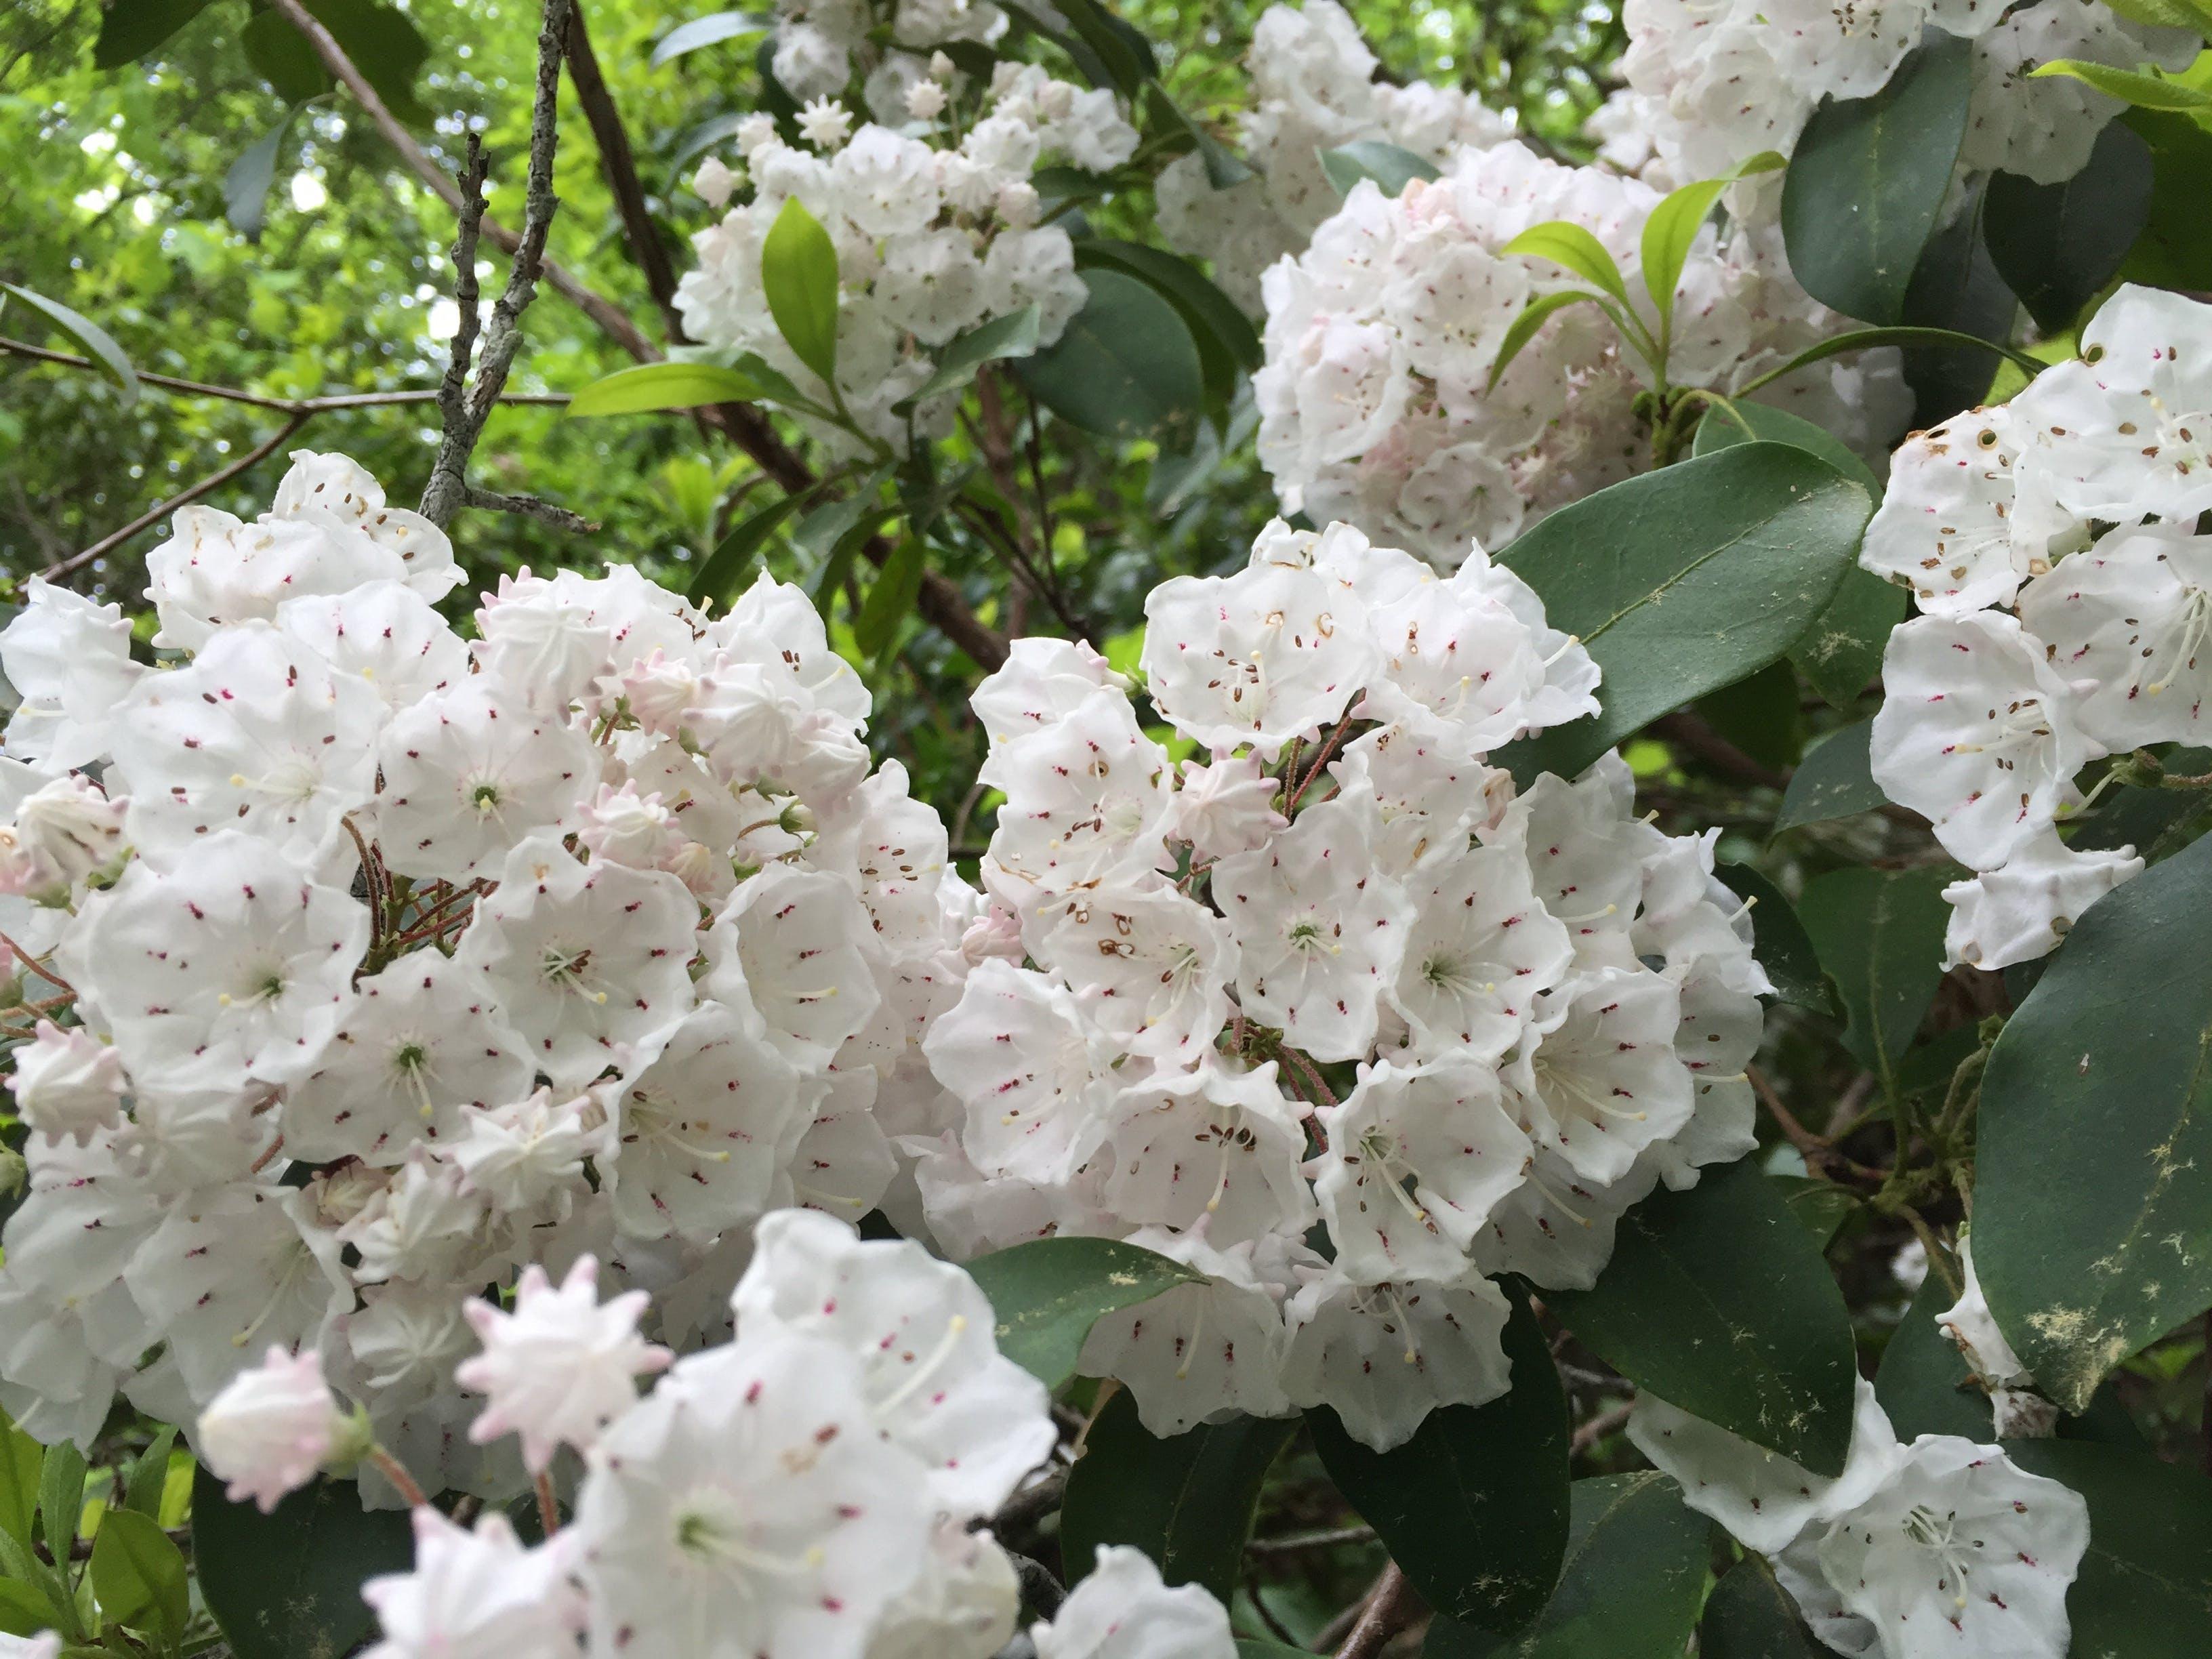 Free stock photo of flower, laurel, laurel flowers, spring